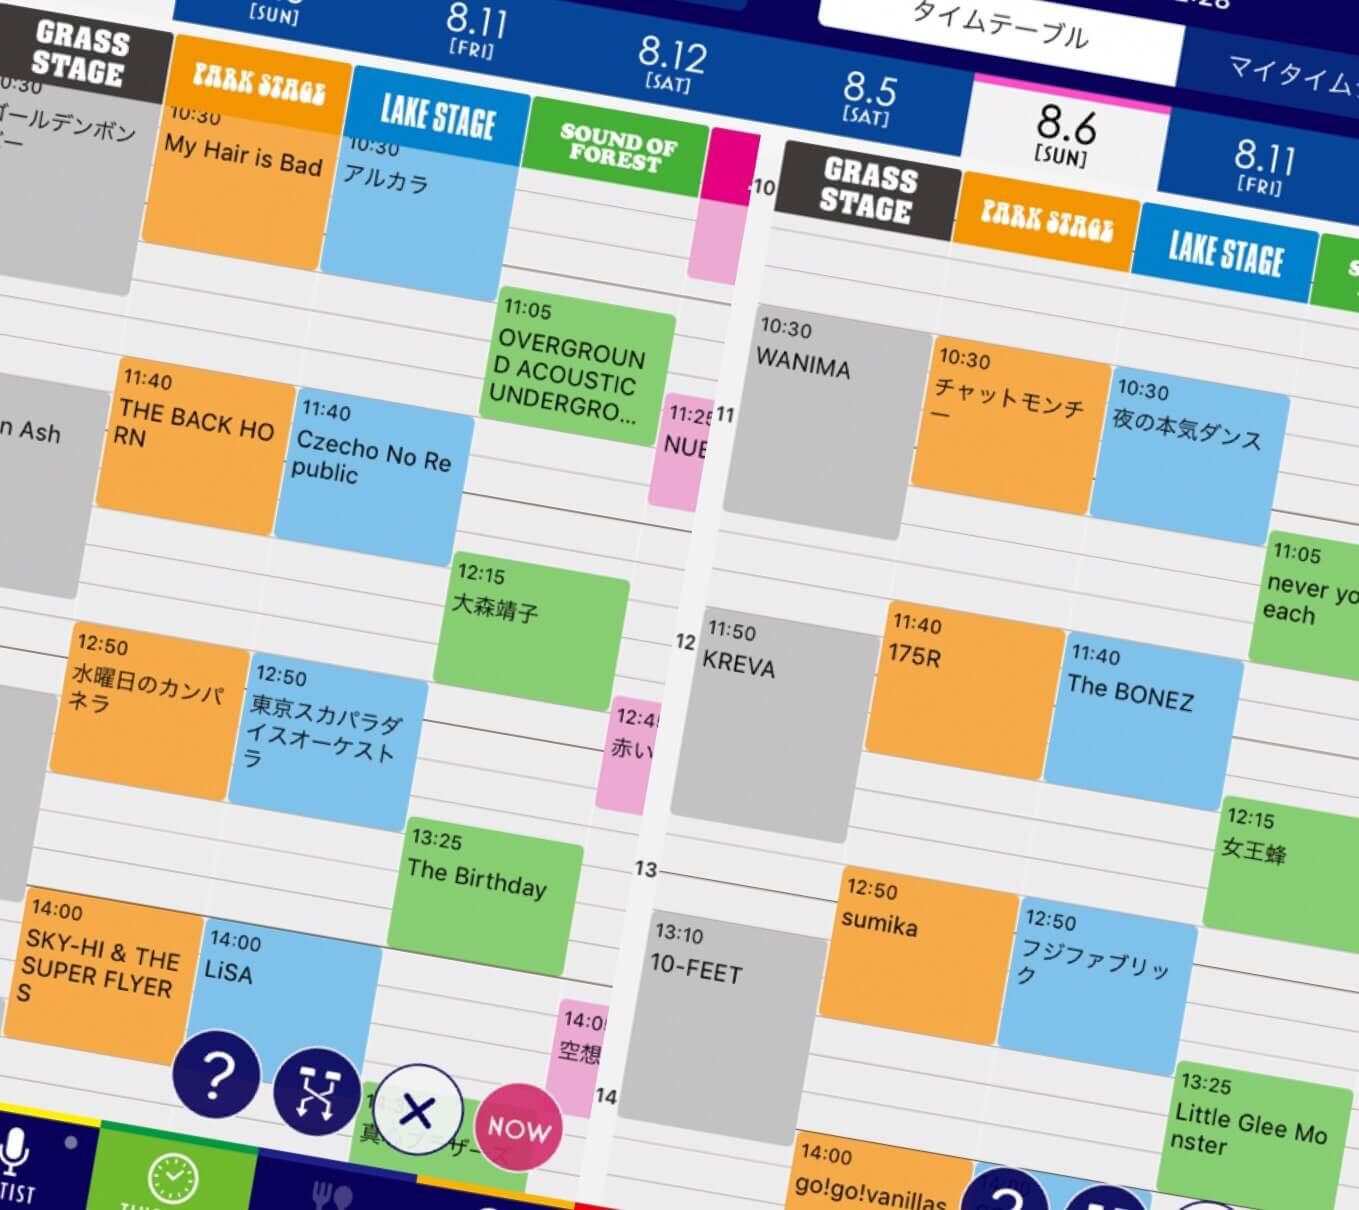 今年もいよいよROCK IN JAPAN FESTIVAL 2017タイムテーブル発表!チケット7次先行受付スタート